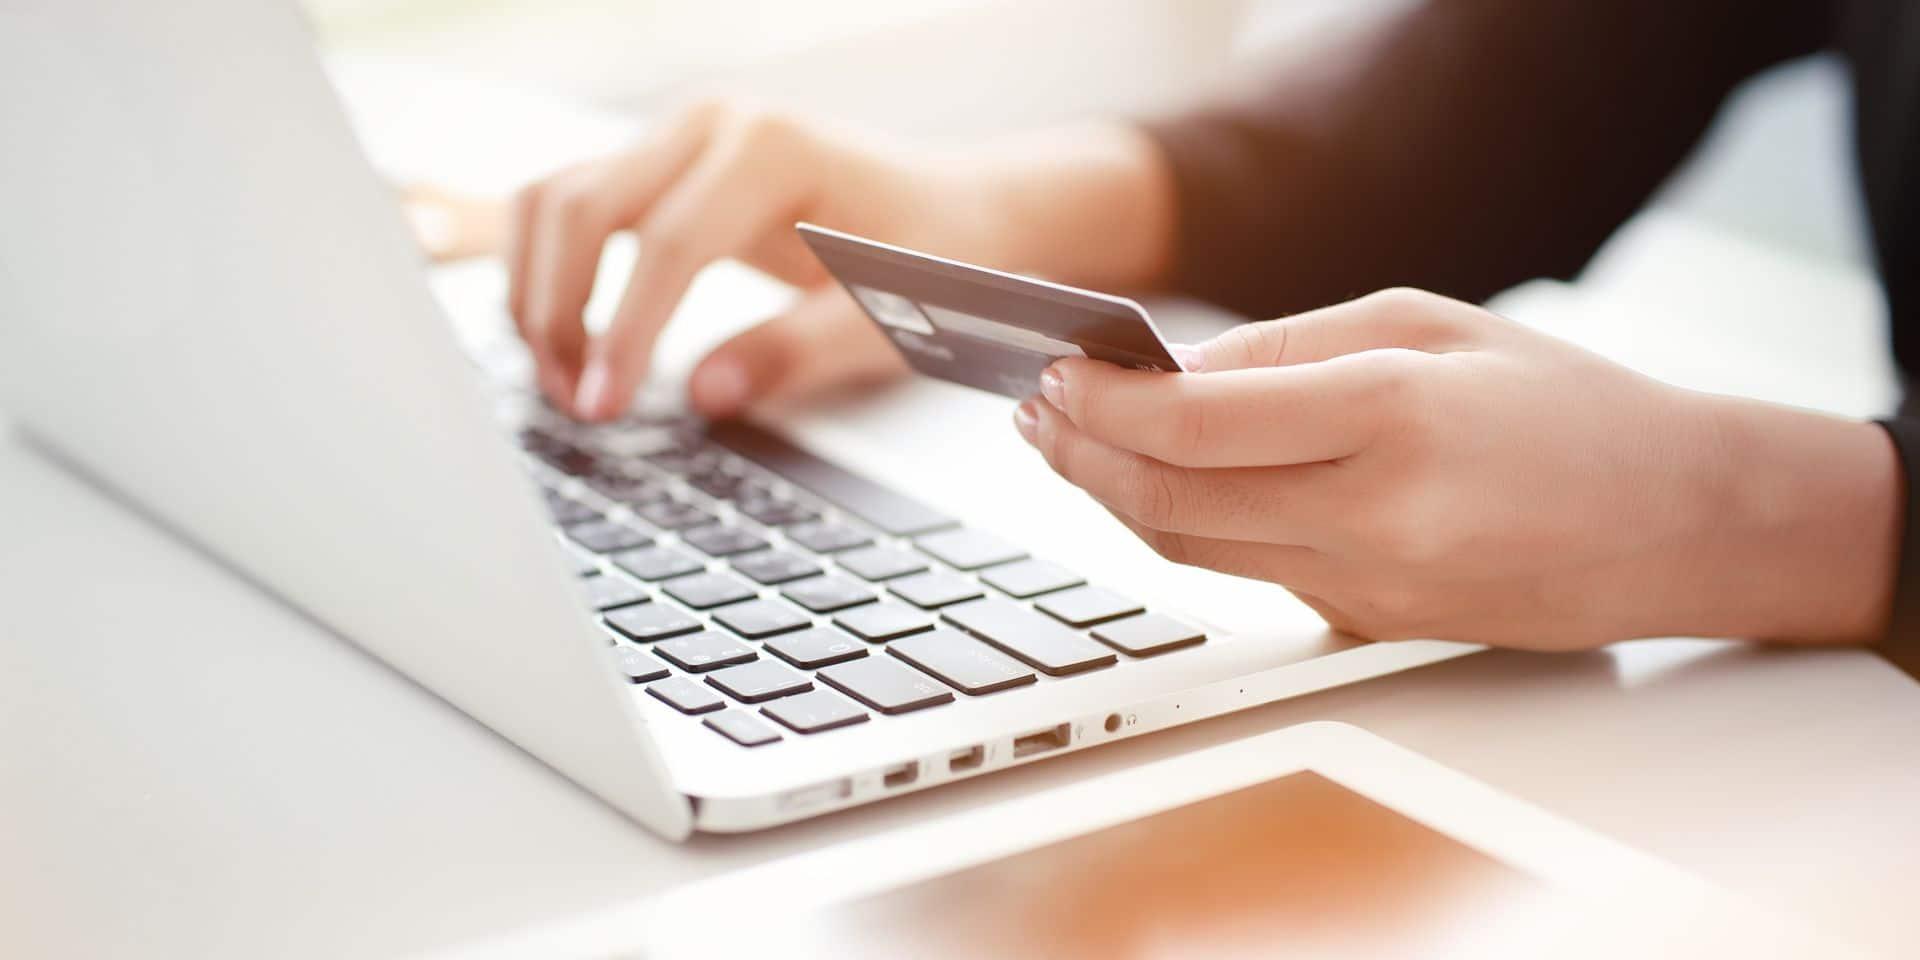 Le code CVC, vestige d'un autre temps à l'heure des achats en ligne